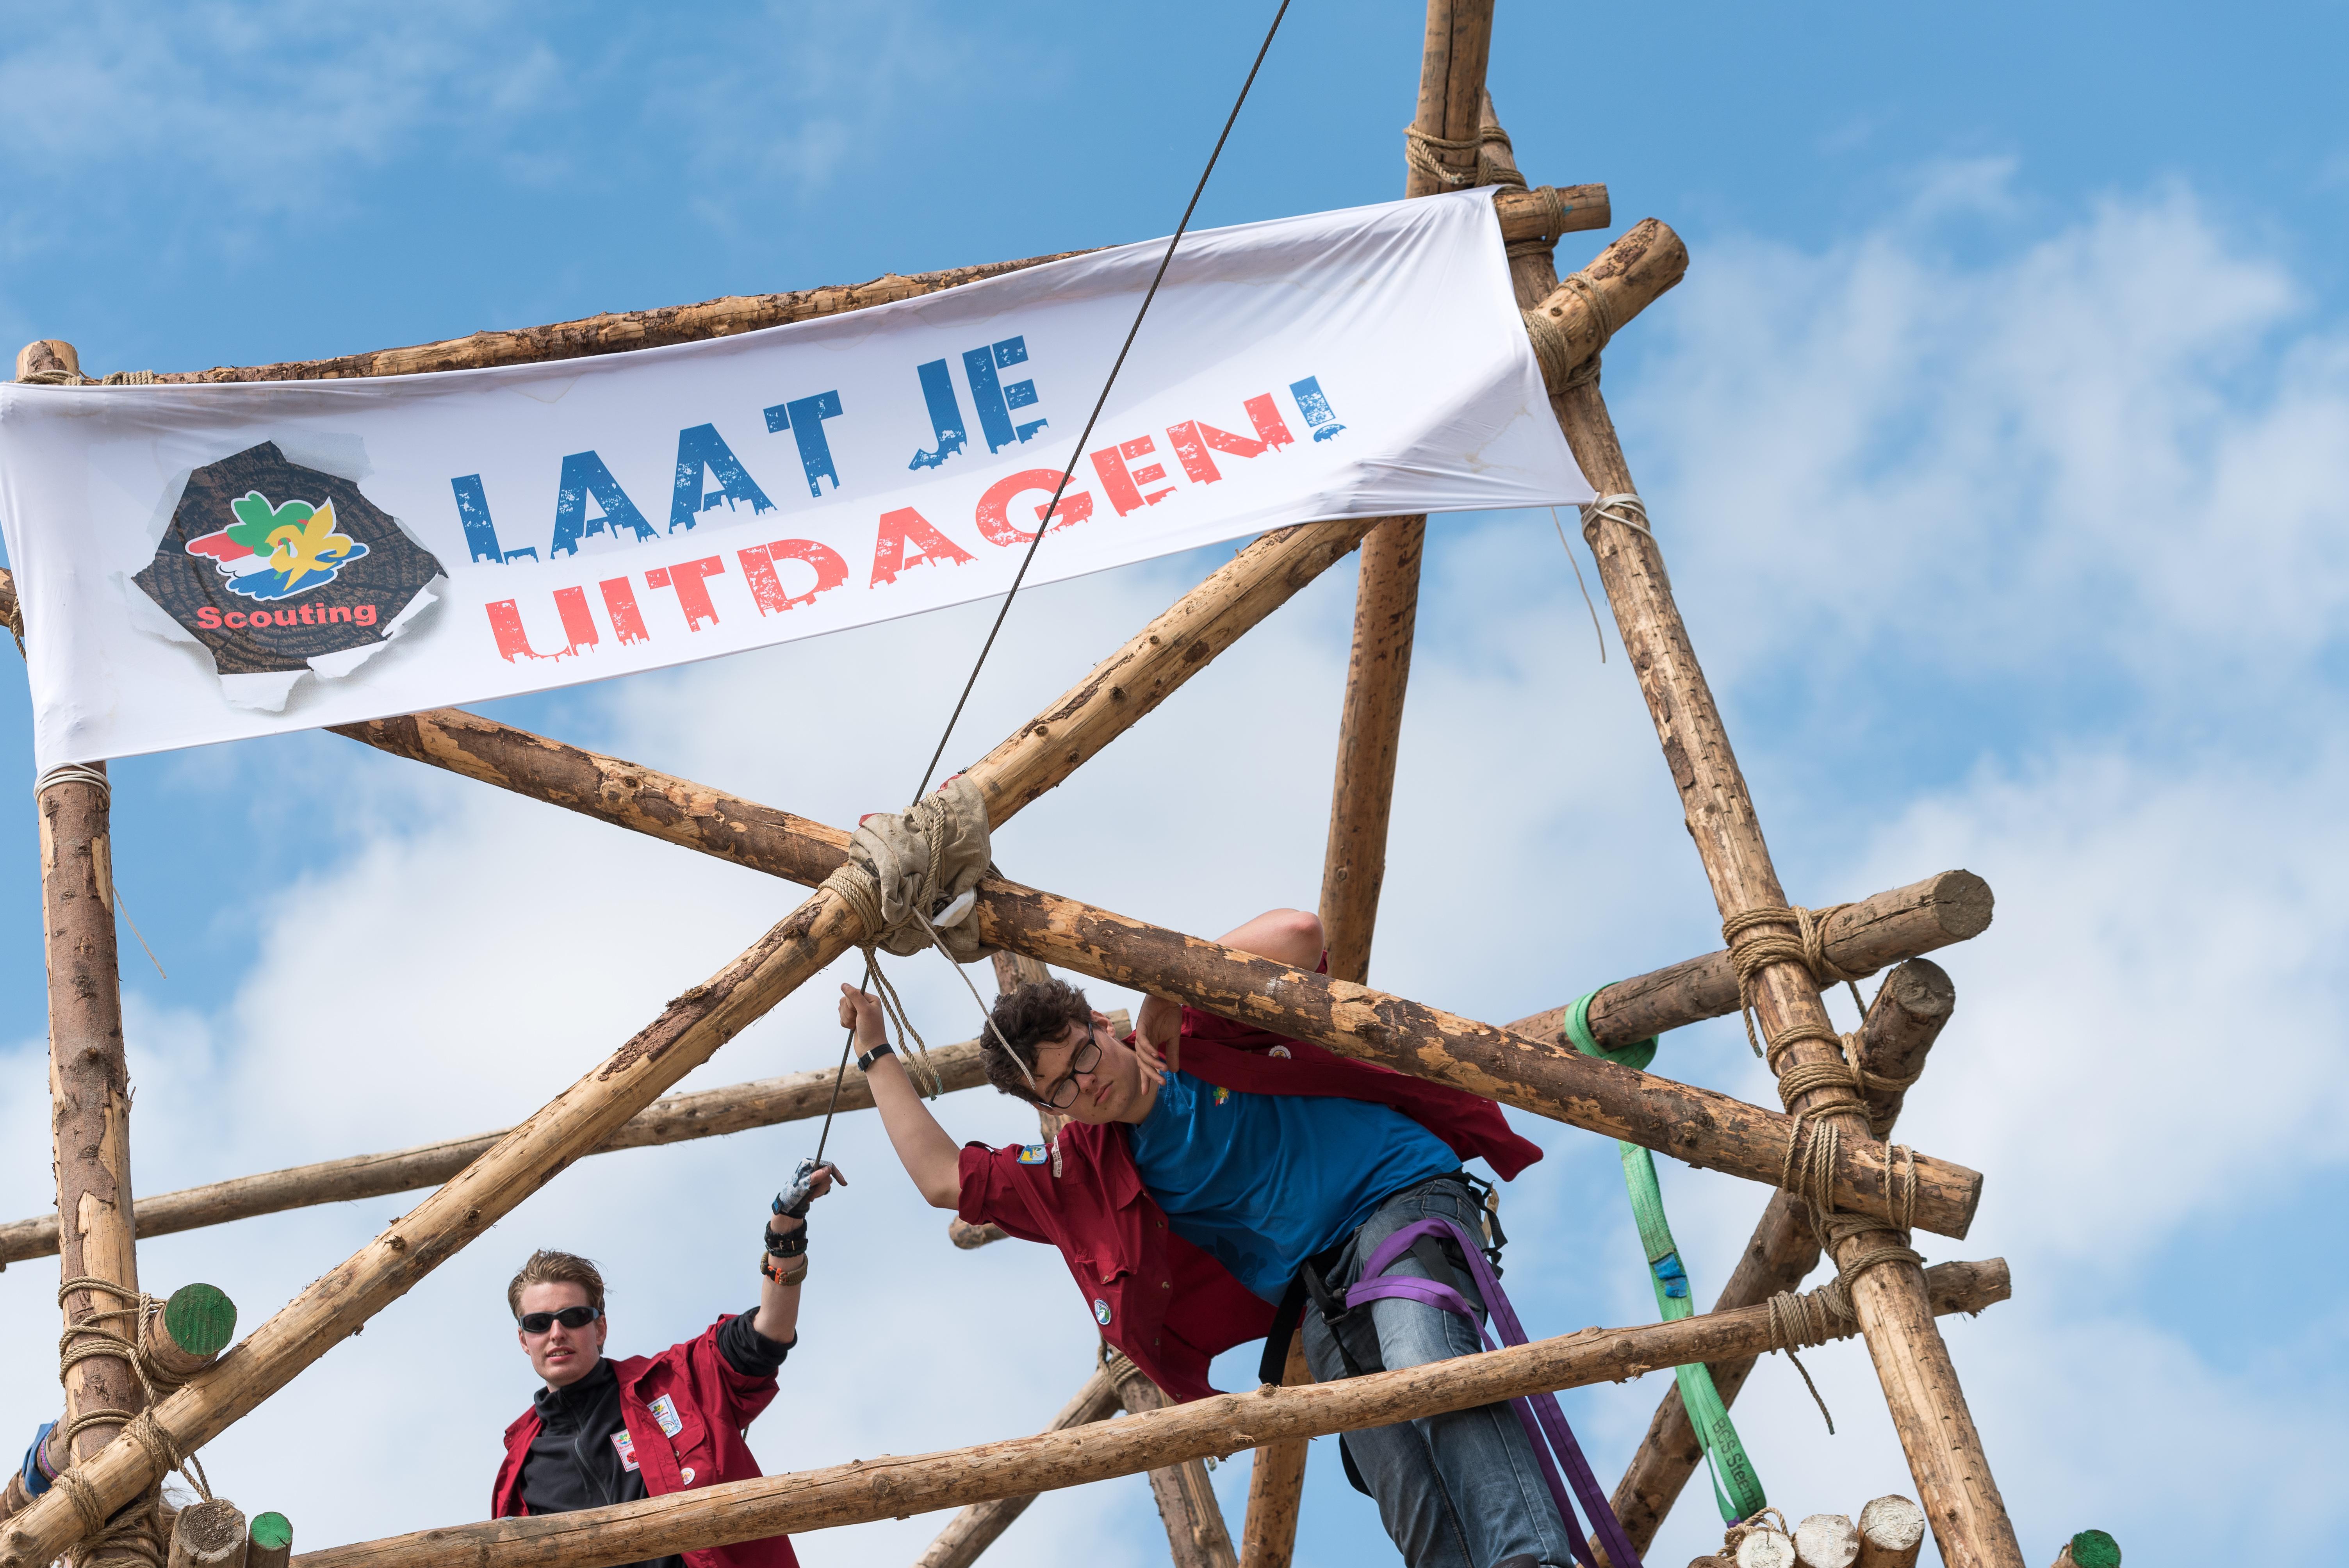 Scouting Corvus Crone houdt zaterdag 17 maart een open dag. (Foto: Schouting Nederland)